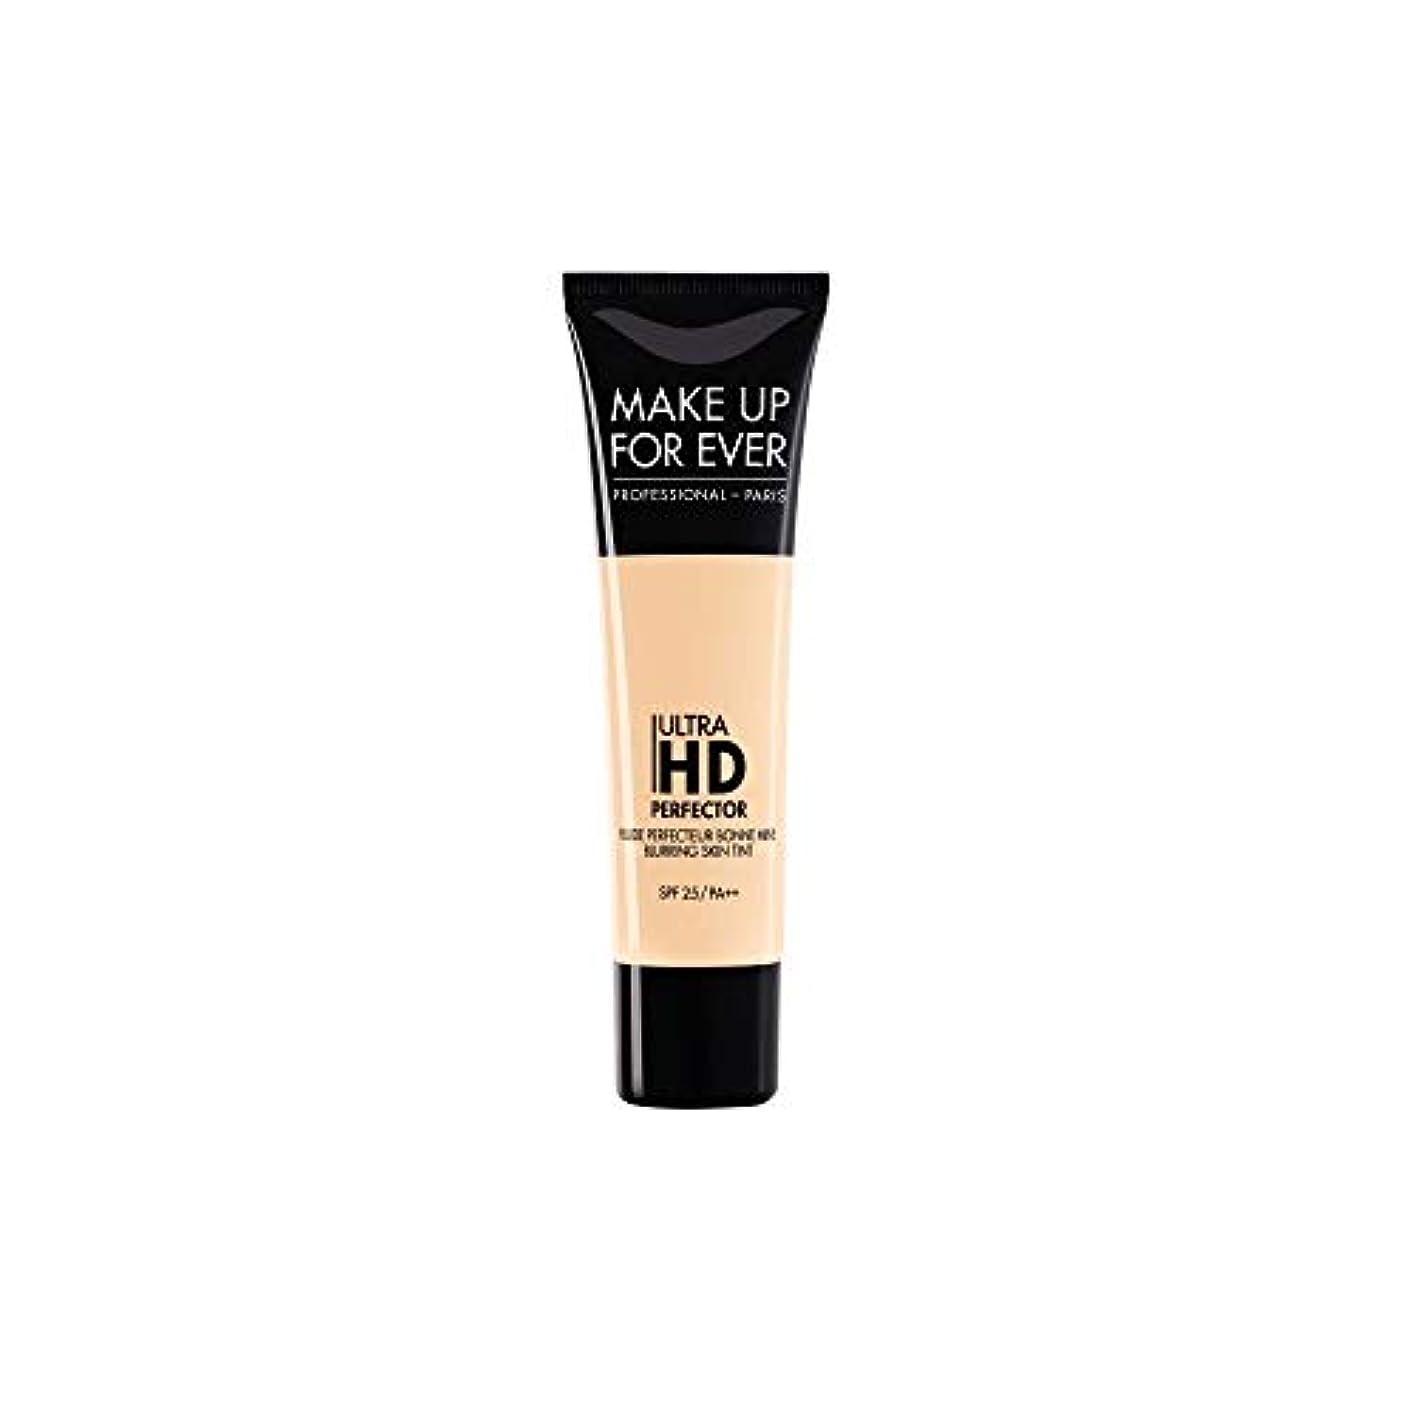 対慰めまともなメイクアップフォーエバー Ultra HD Perfector Blurring Skin Tint SPF25 - # 01 Vanilla 30ml/1.01oz並行輸入品